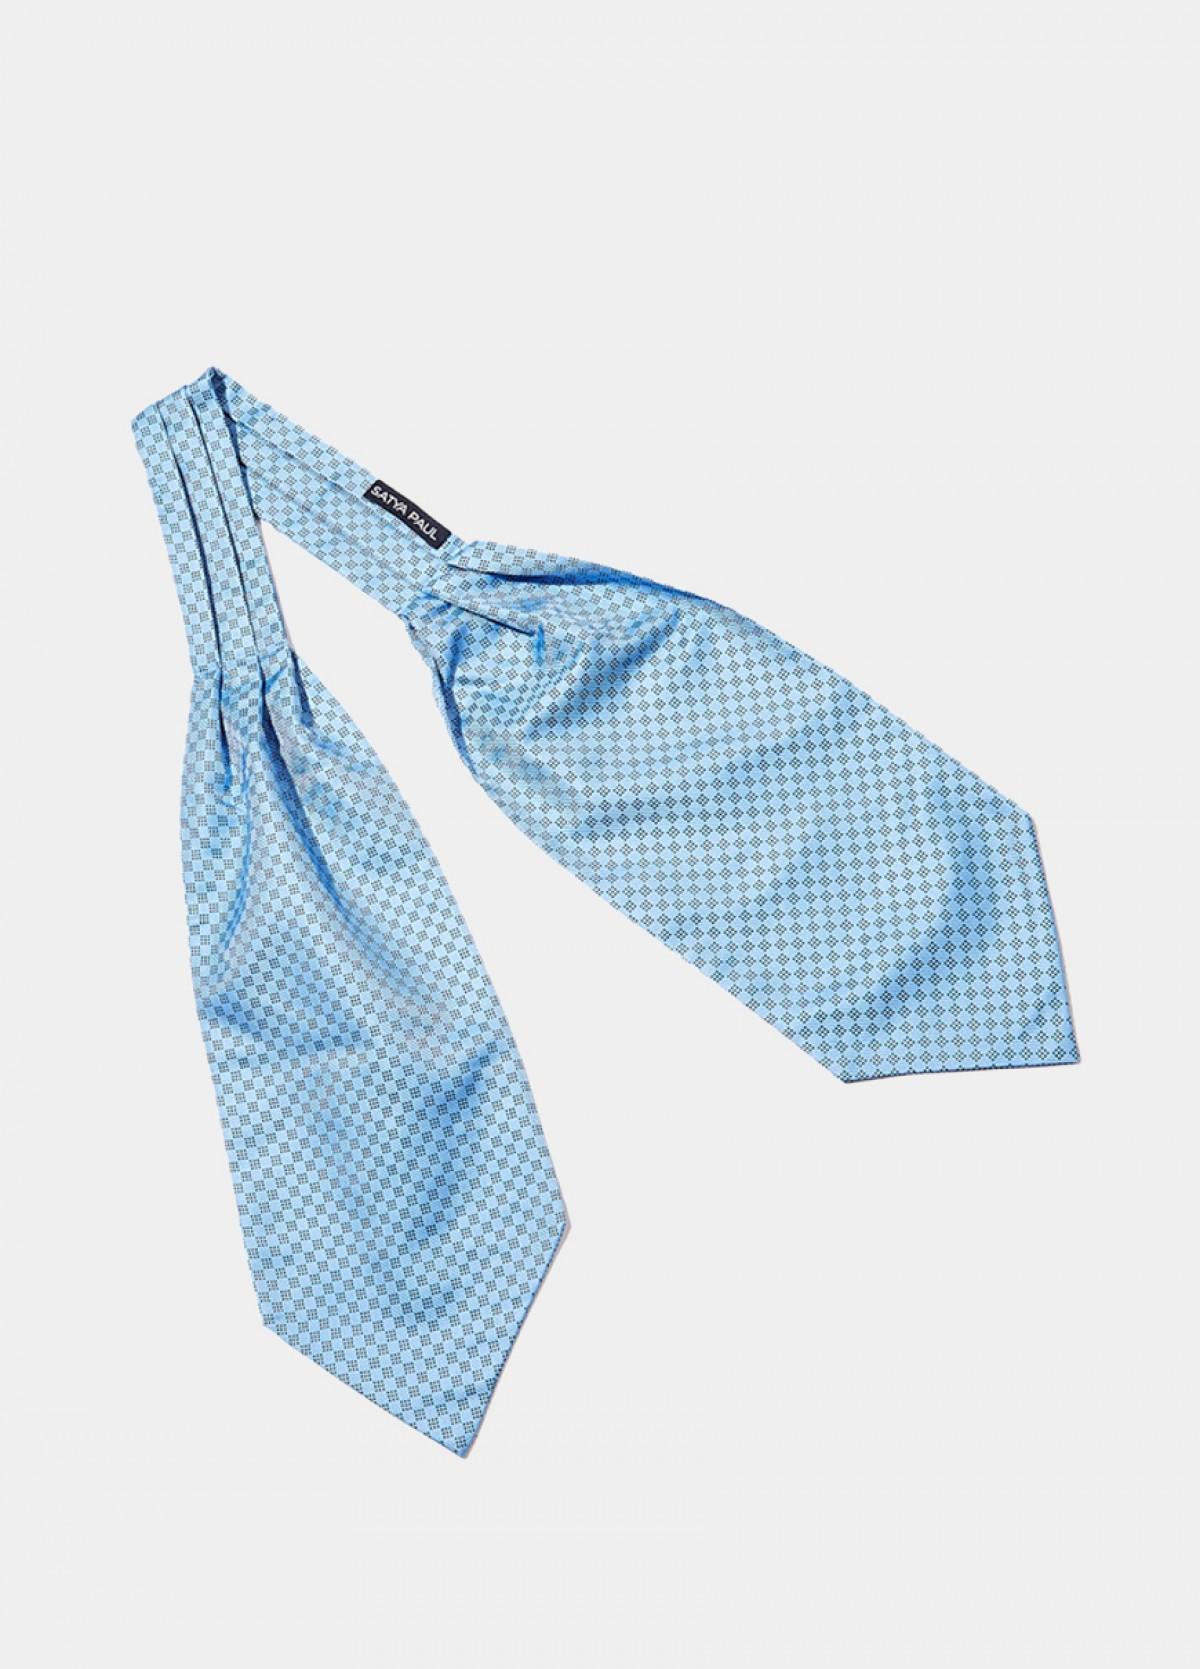 The Blue Cravat